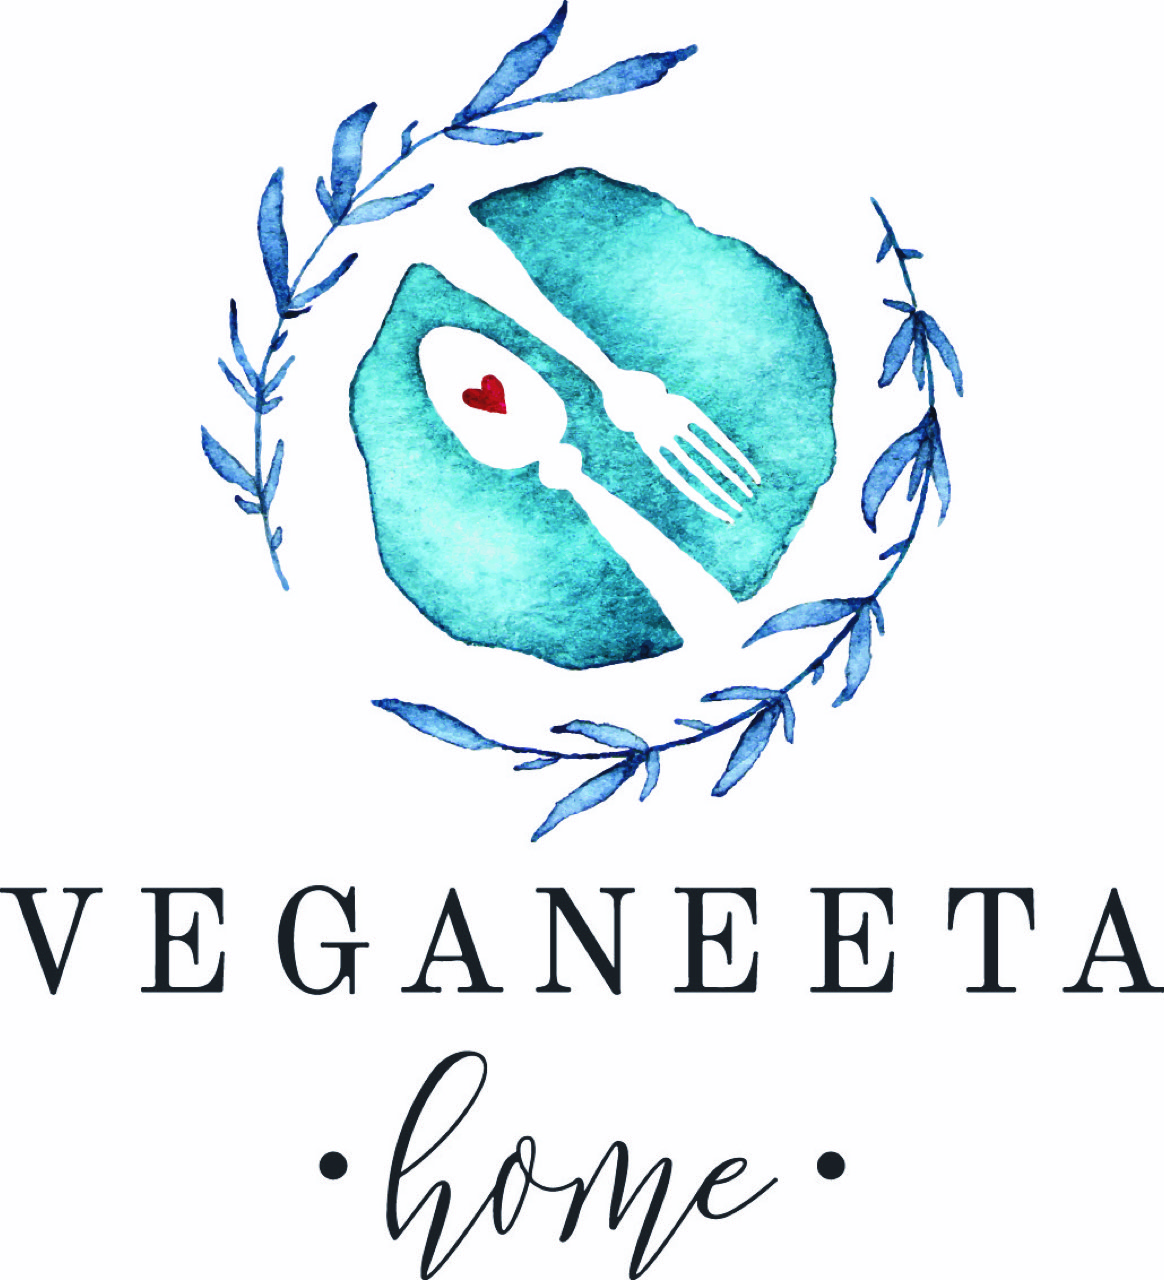 Egy hely, ahol mindenki boldogan (l)ehet: Veganeeta Home